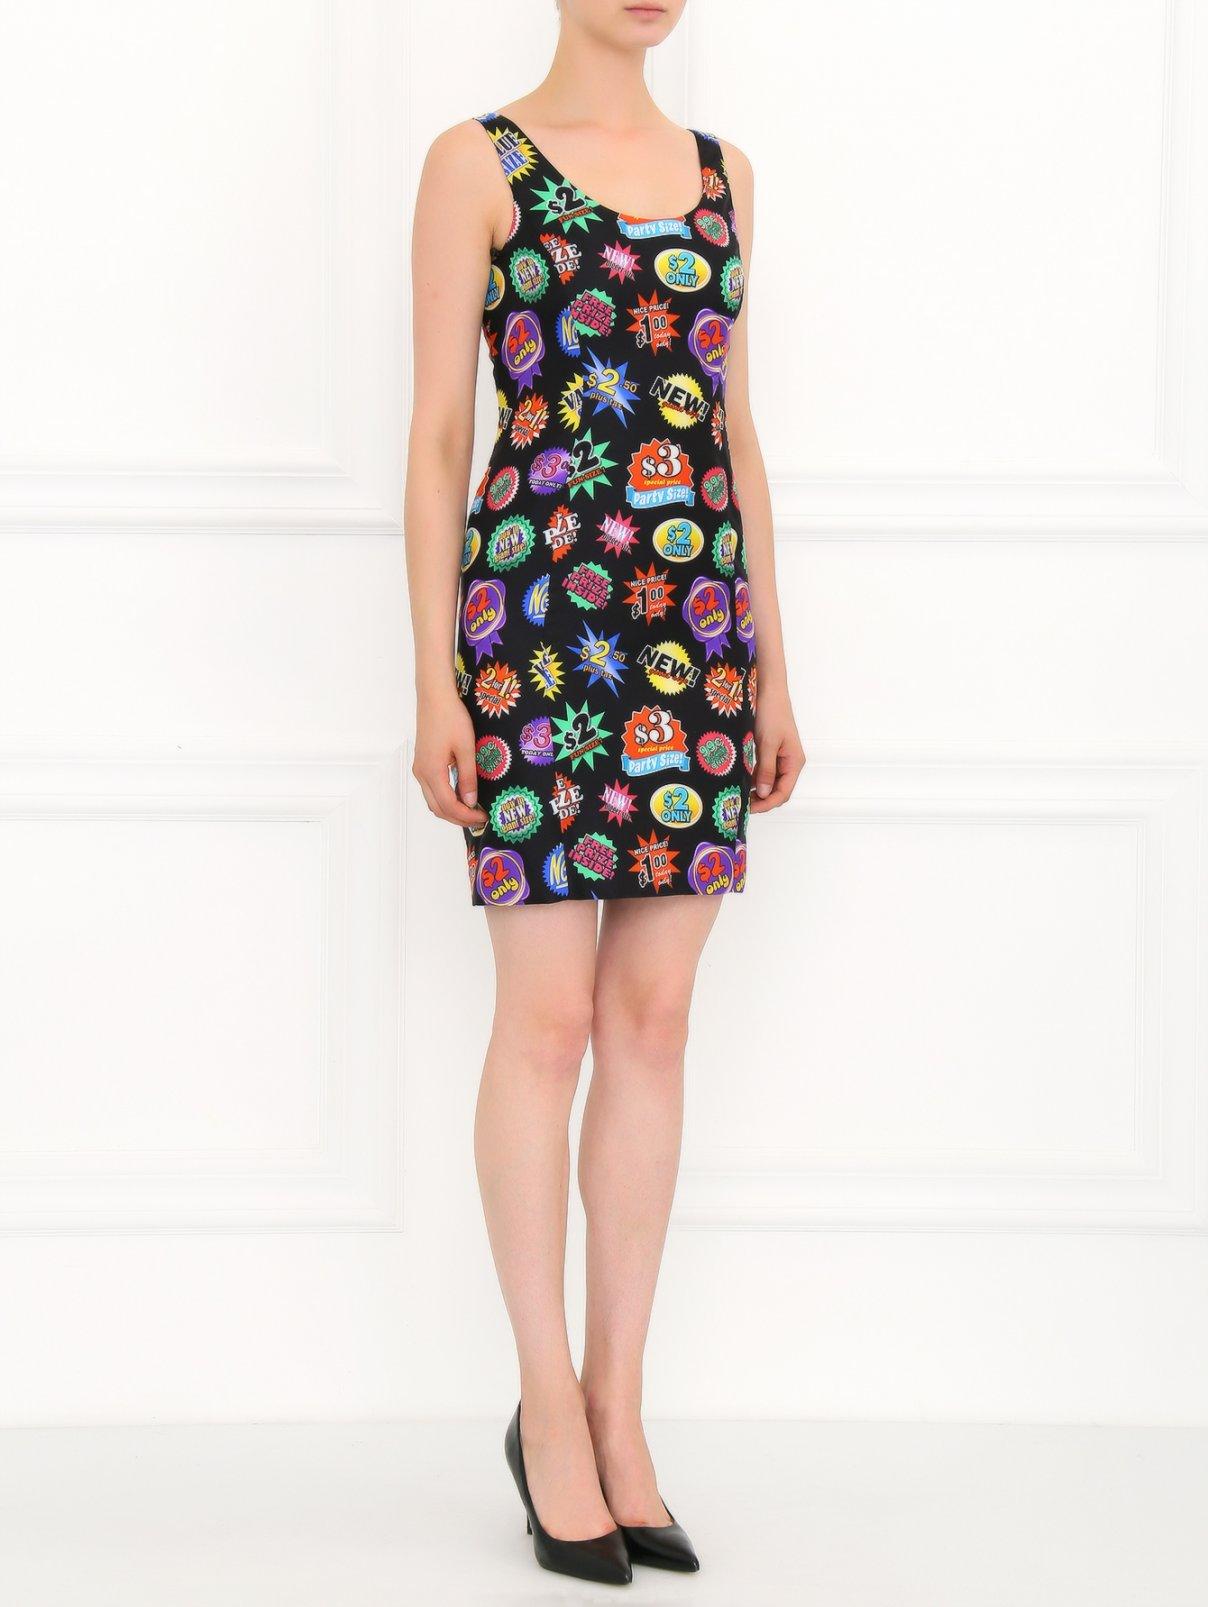 Платье из шелка с узором Moschino  –  Модель Общий вид  – Цвет:  Узор